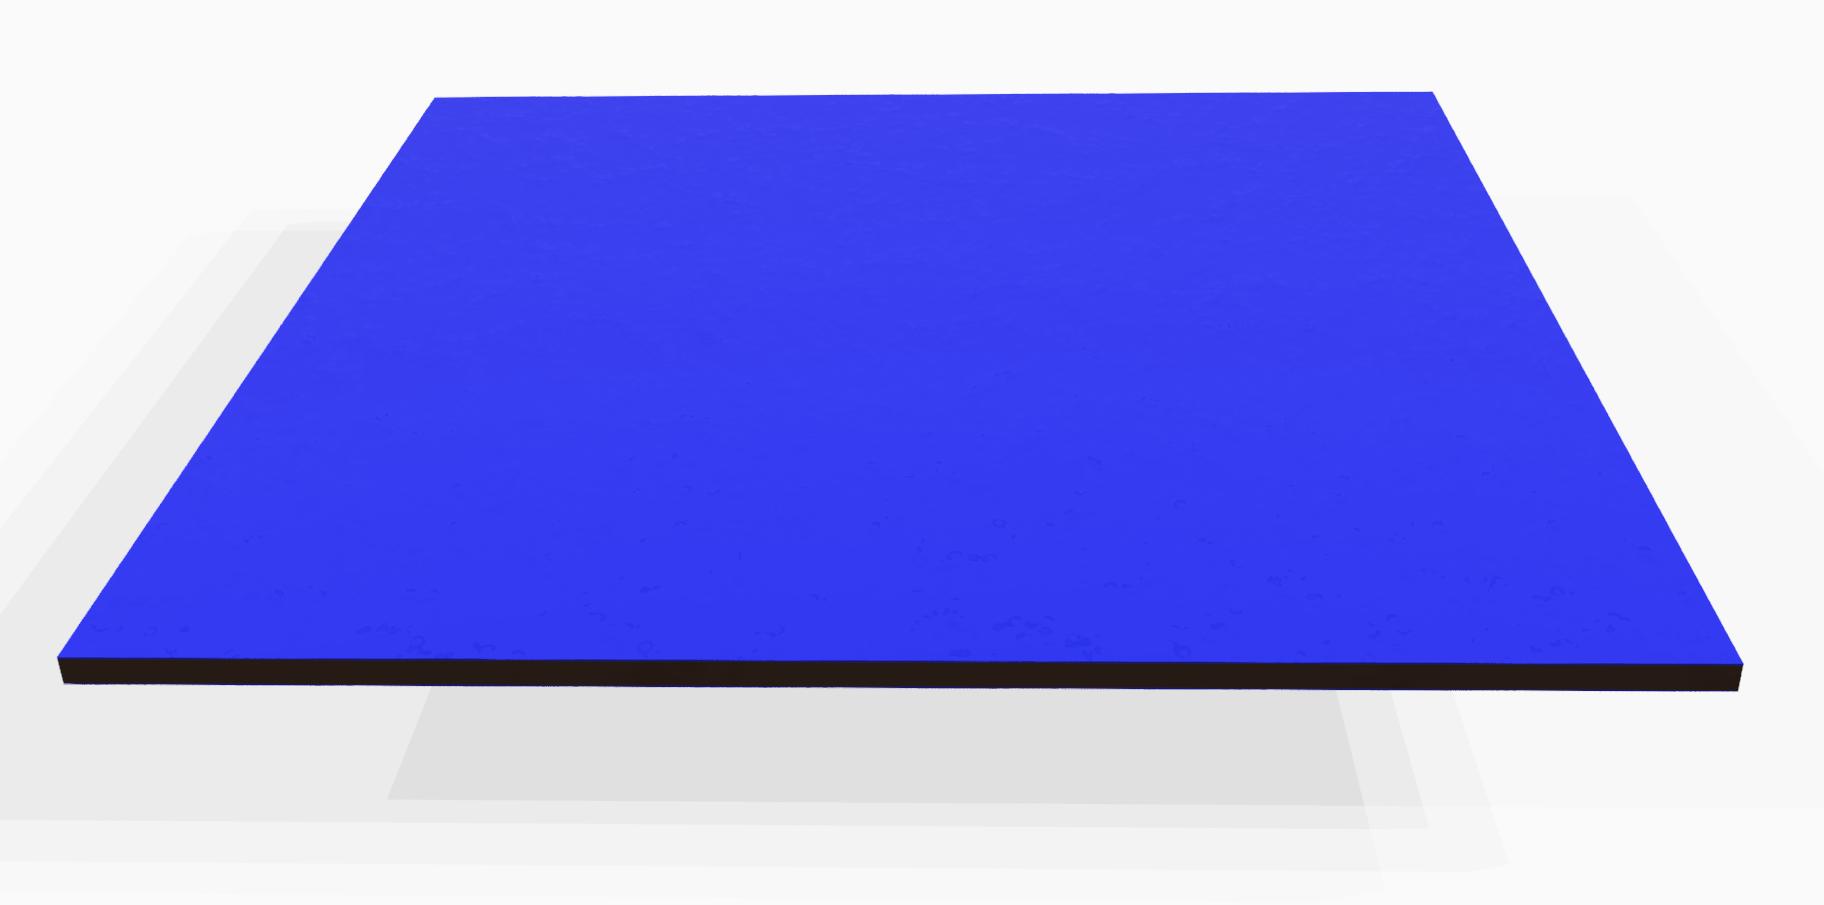 Vollkunststoff 4 mm ähnlich RAL 5024, blau